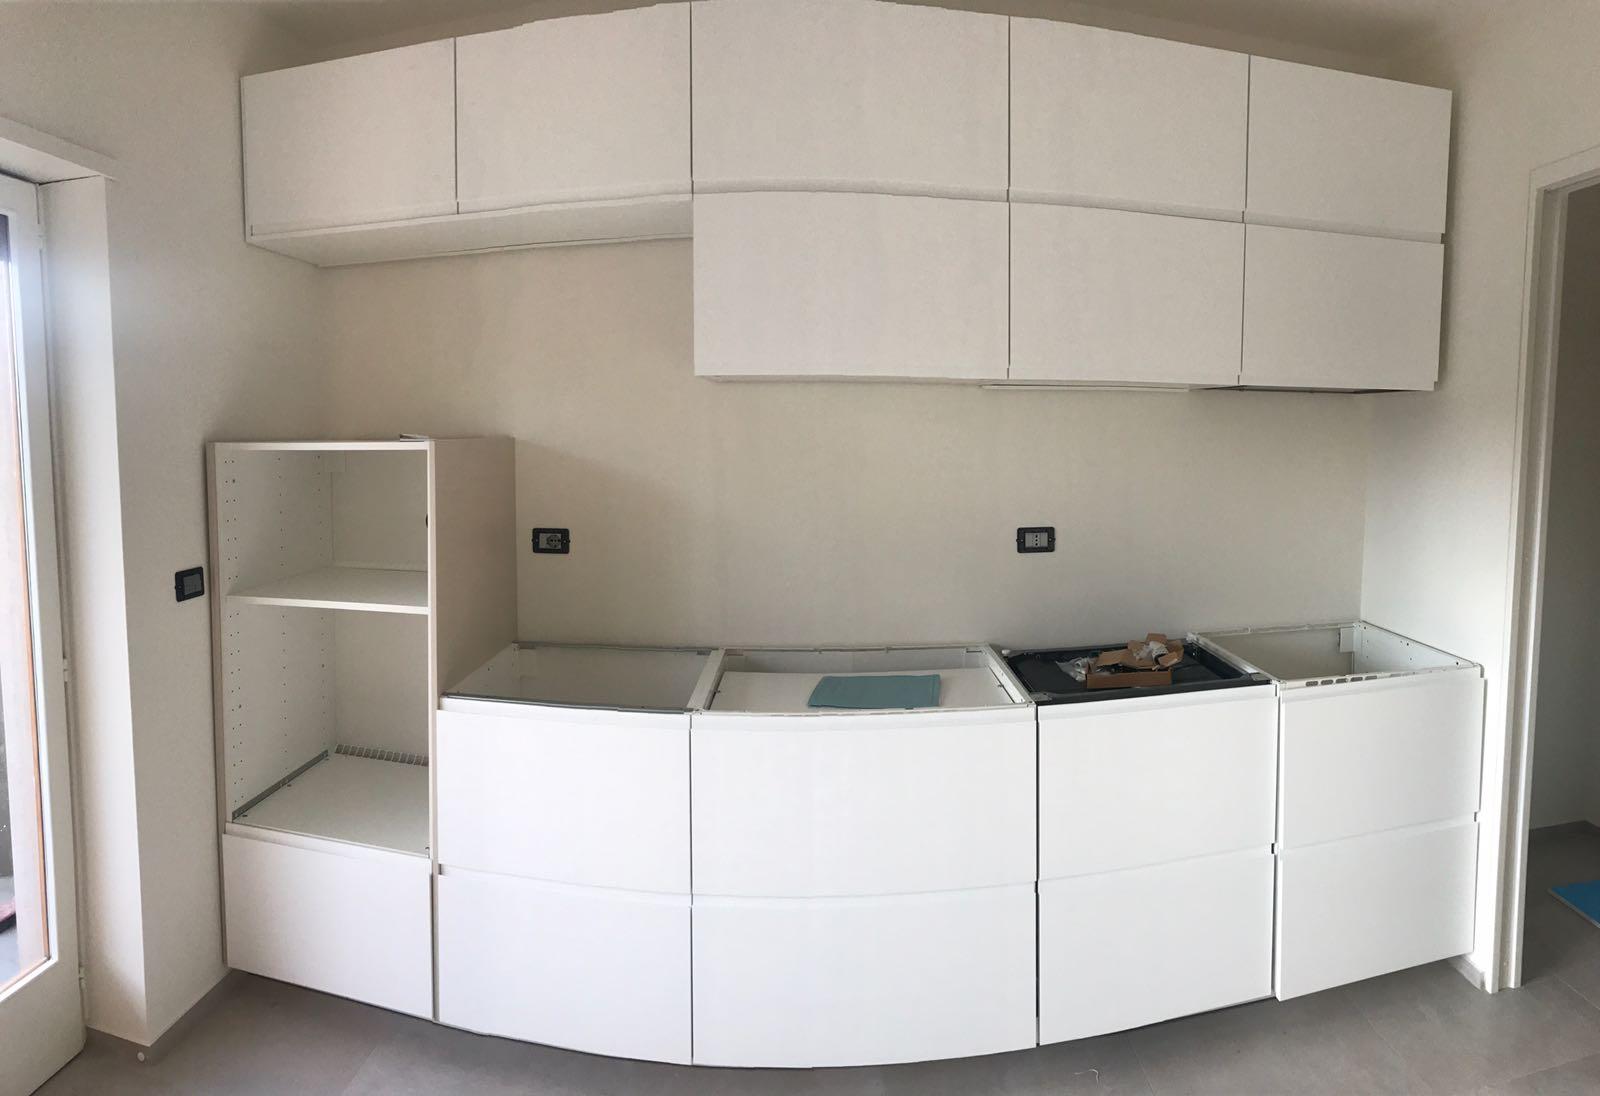 Bari, Ikea perde l\'ordine della cucina: smontata la serenità di una ...